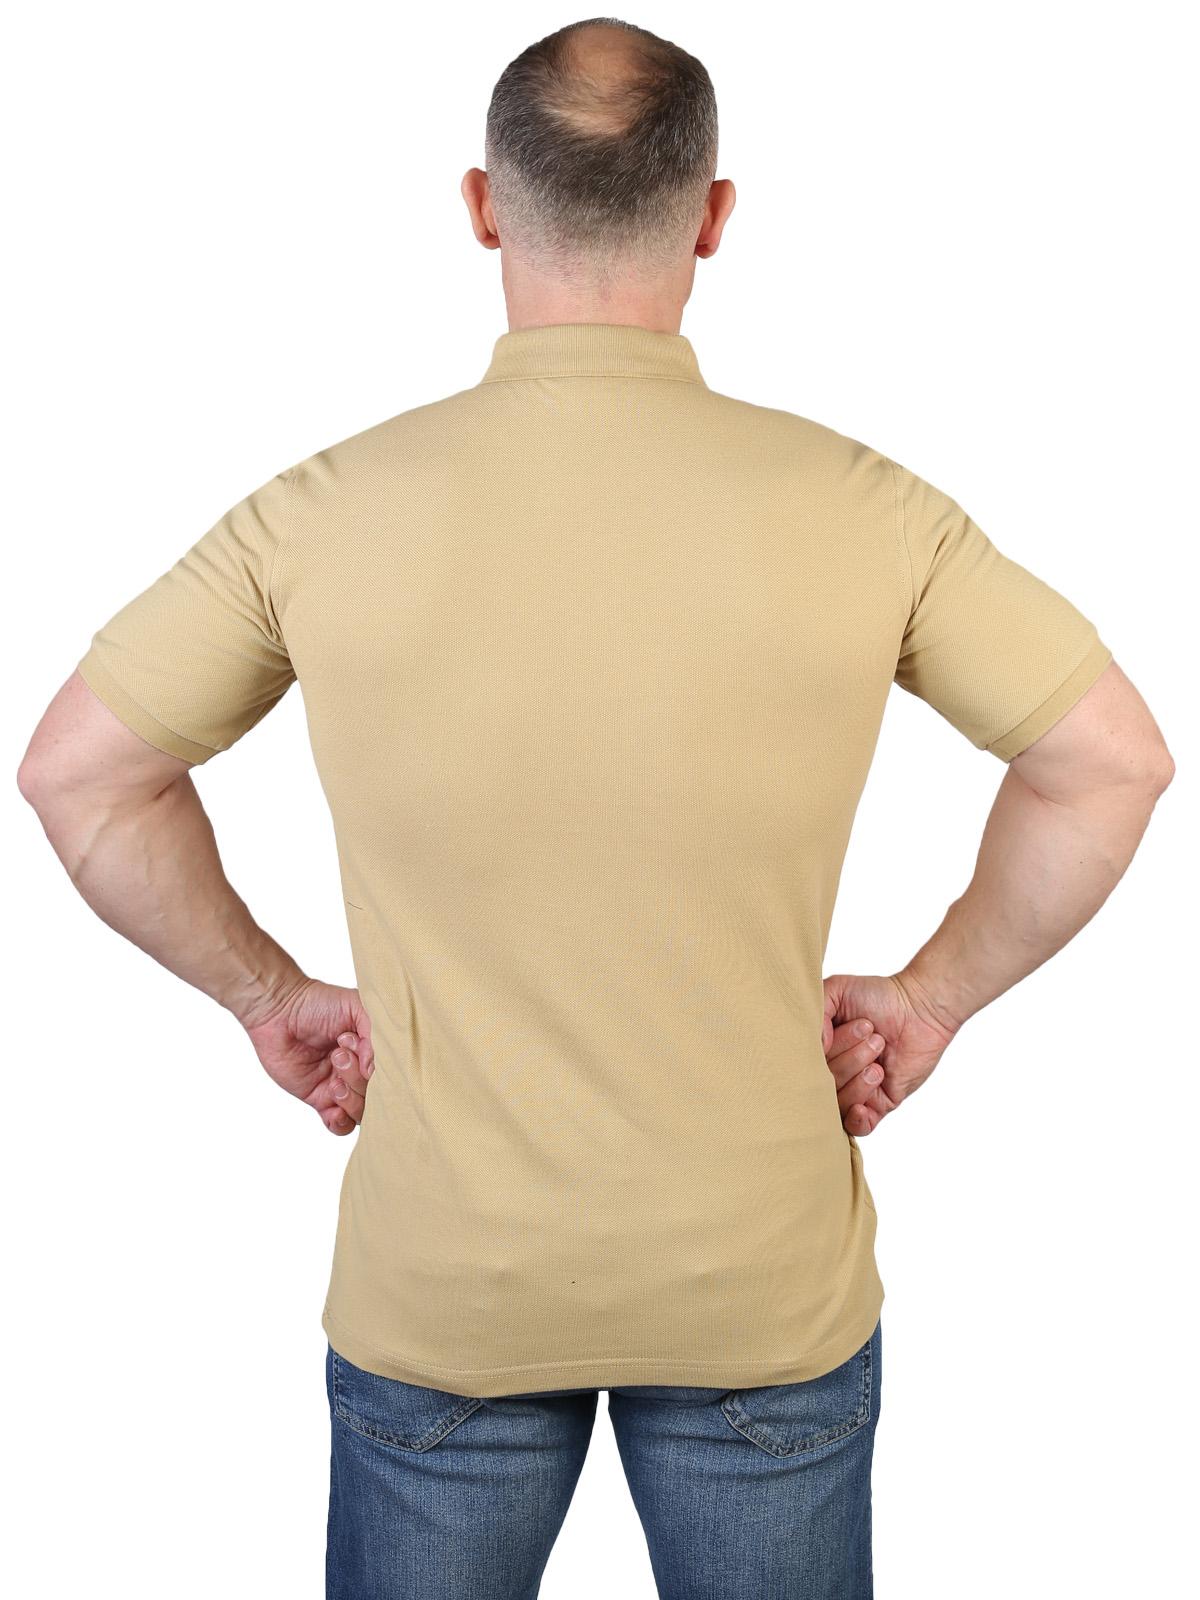 Трикотажная мужская футболка-поло с термонаклейкой Сирия